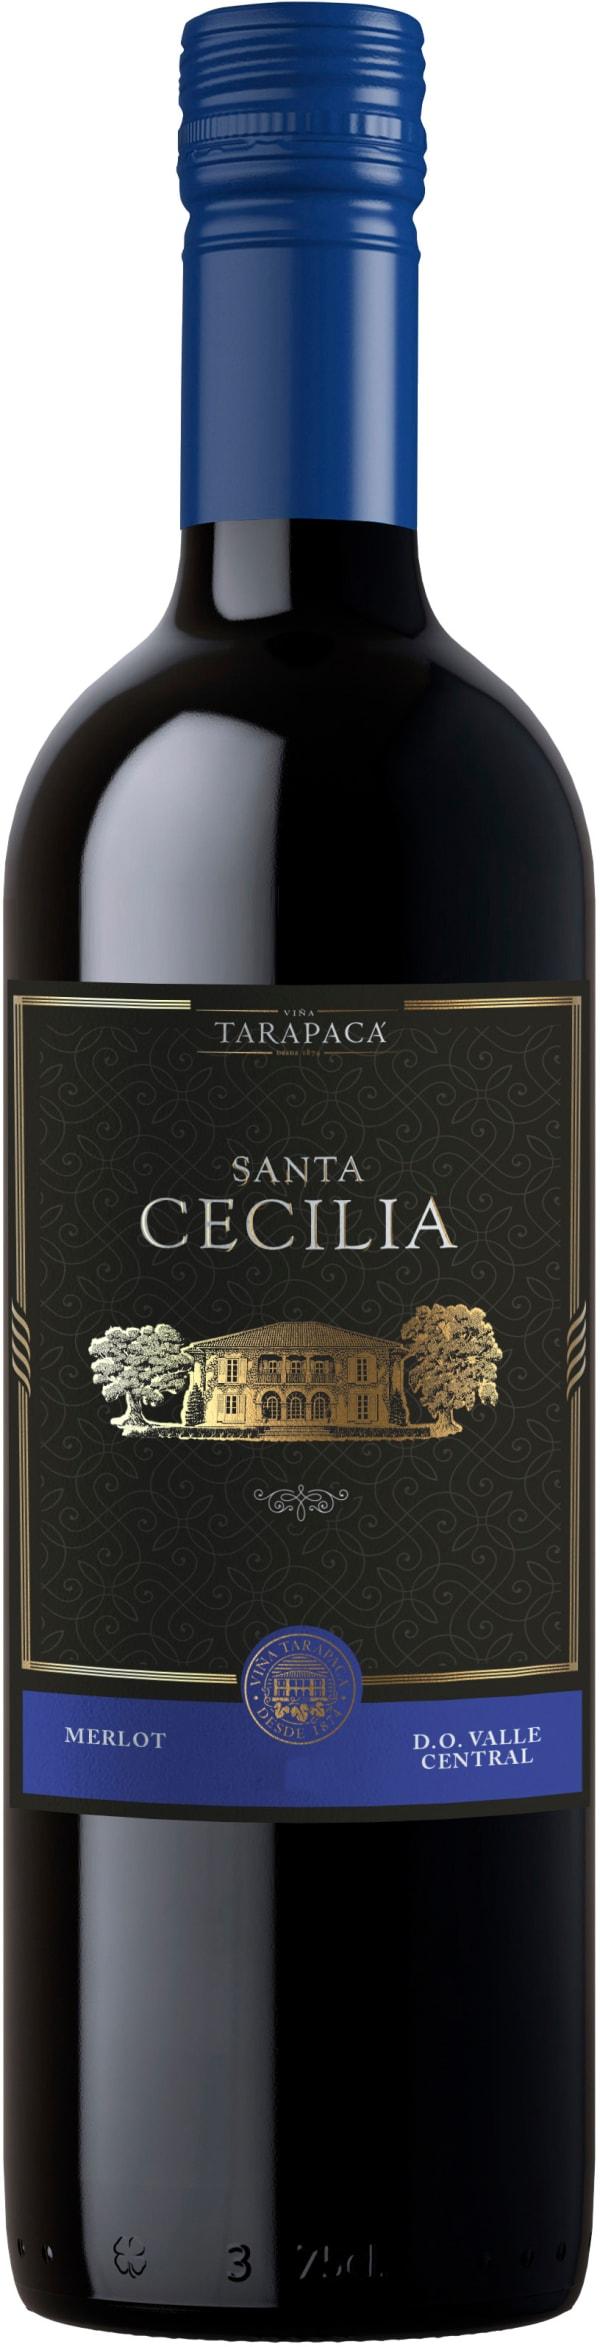 Tarapacá Santa Cecilia Merlot 2019